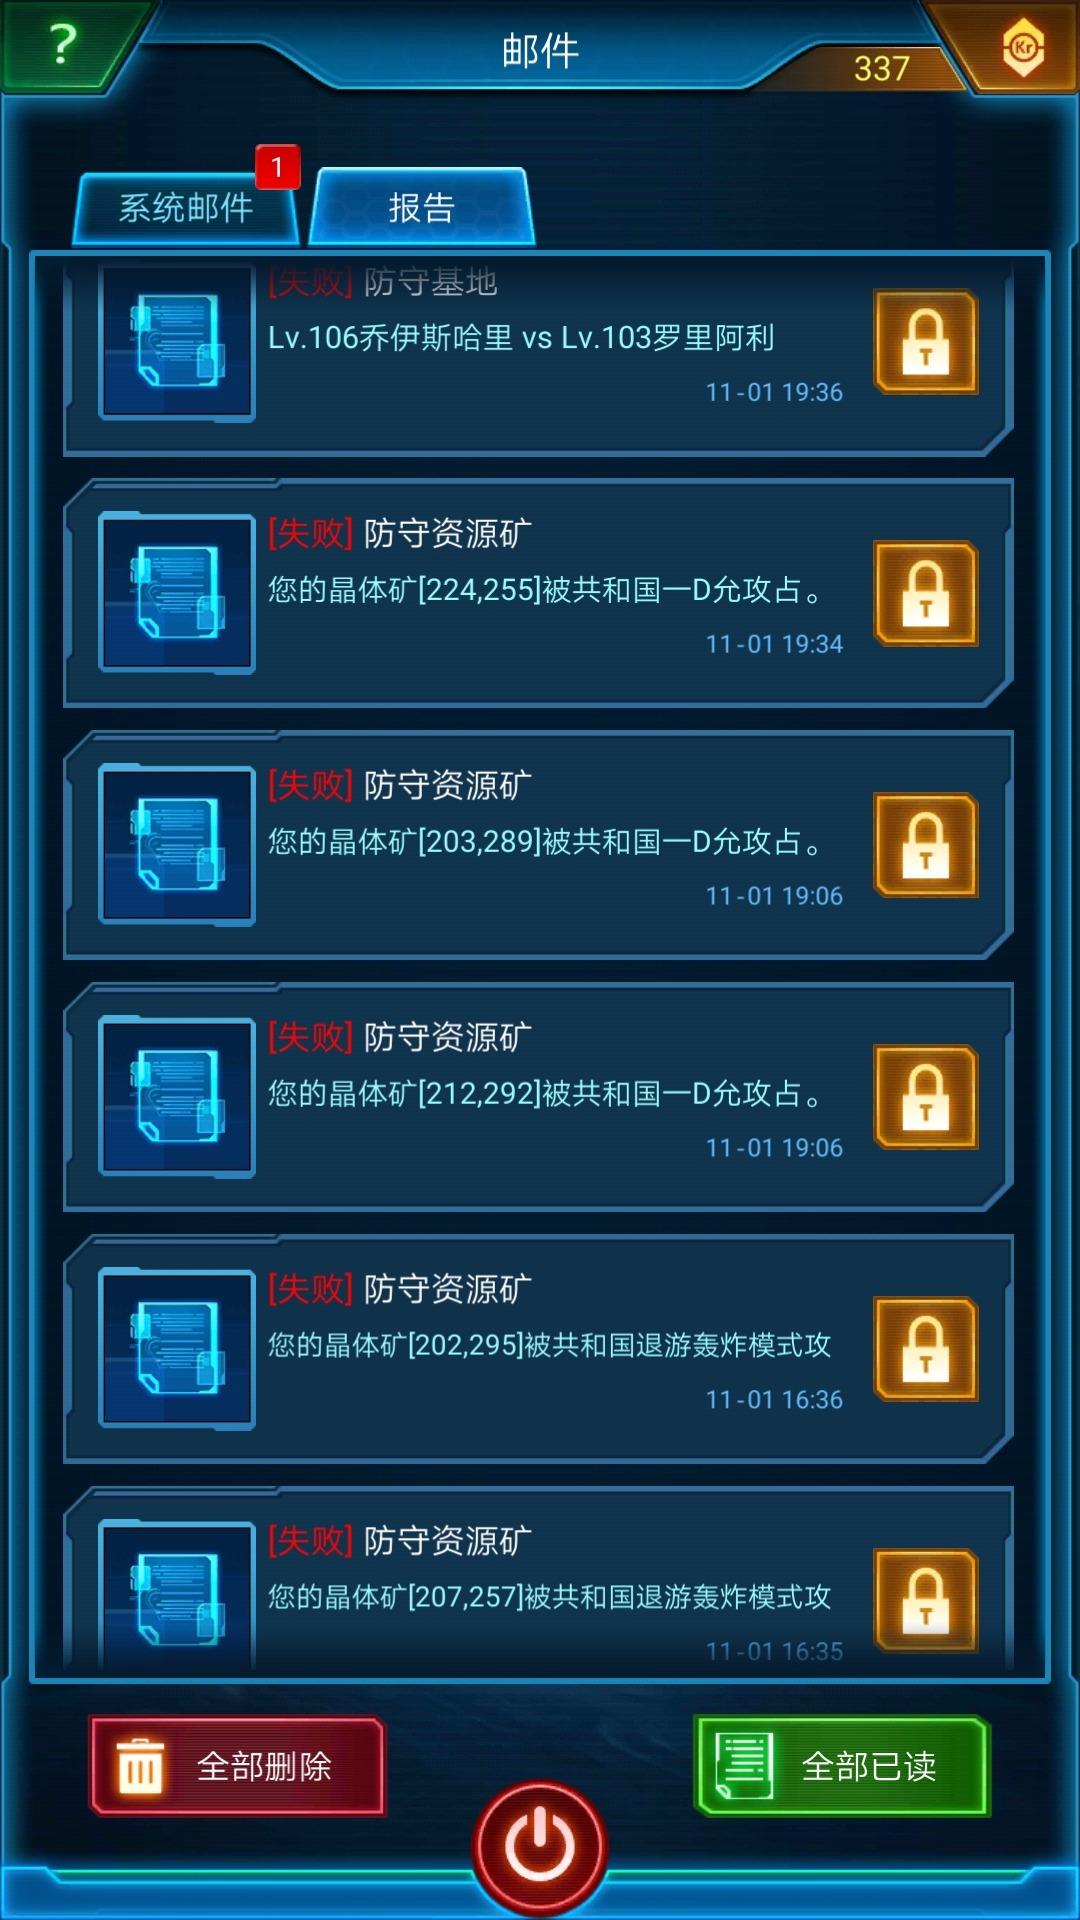 Screenshot_20181101-194120.jpg